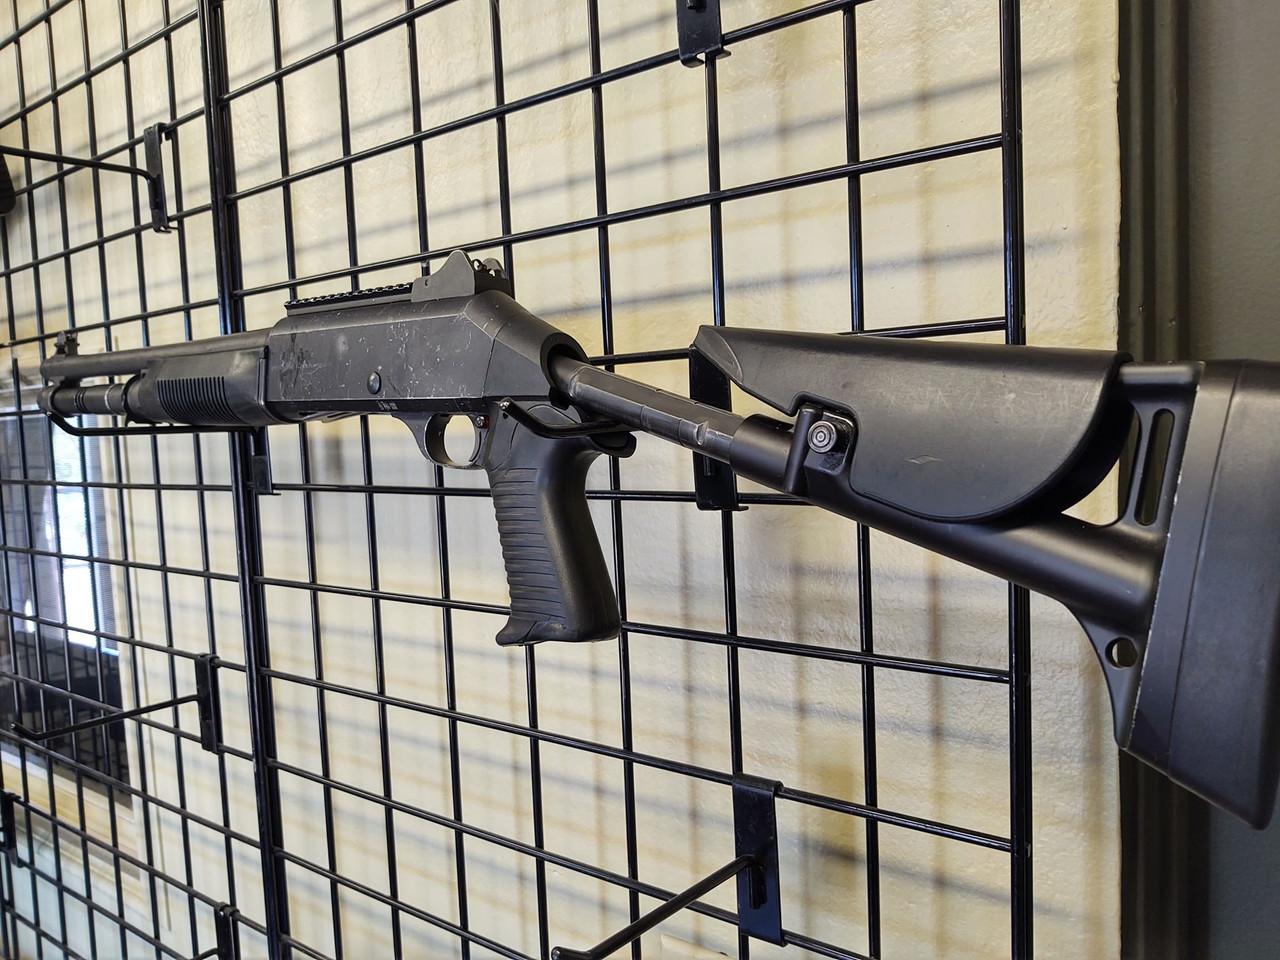 USED Benelli M4 M1014 CALIFORNIA LEGAL - 12ga